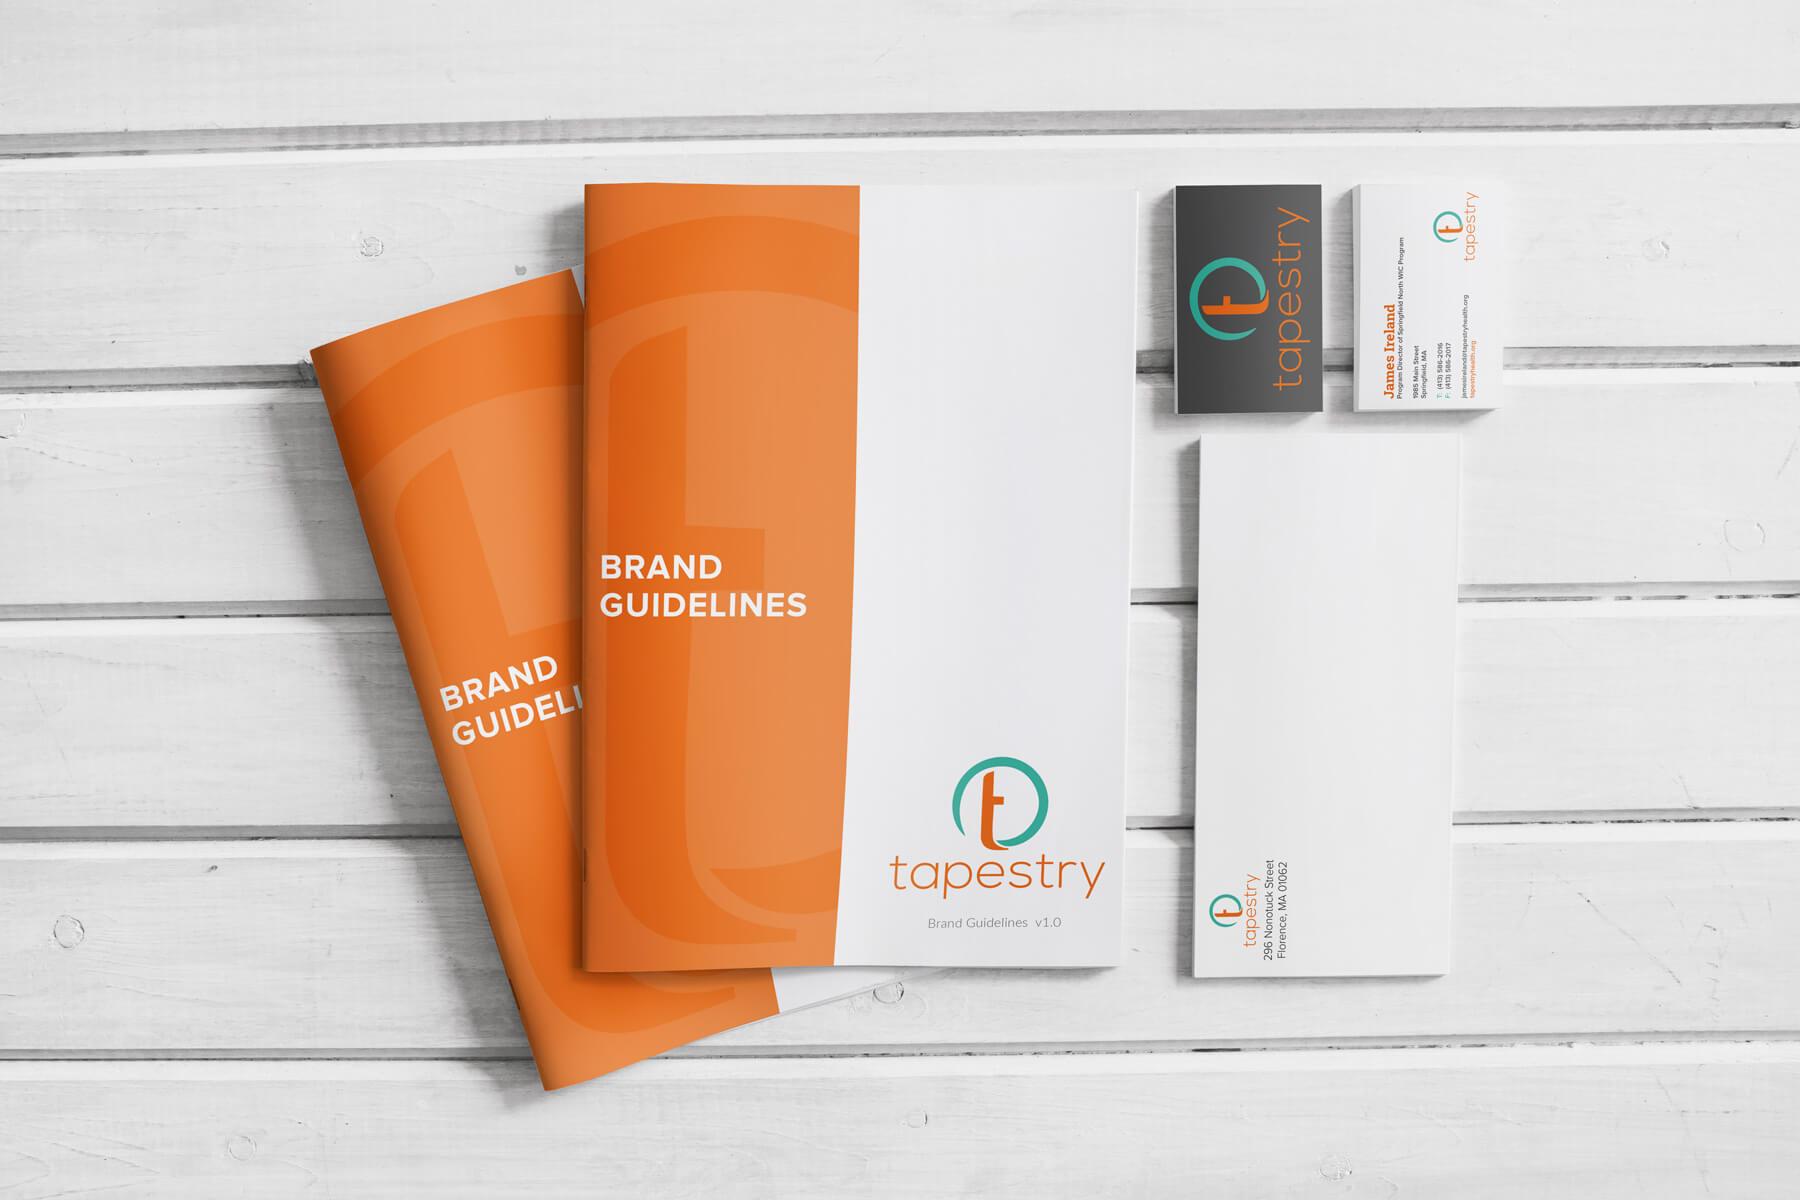 Tapestry_Brand